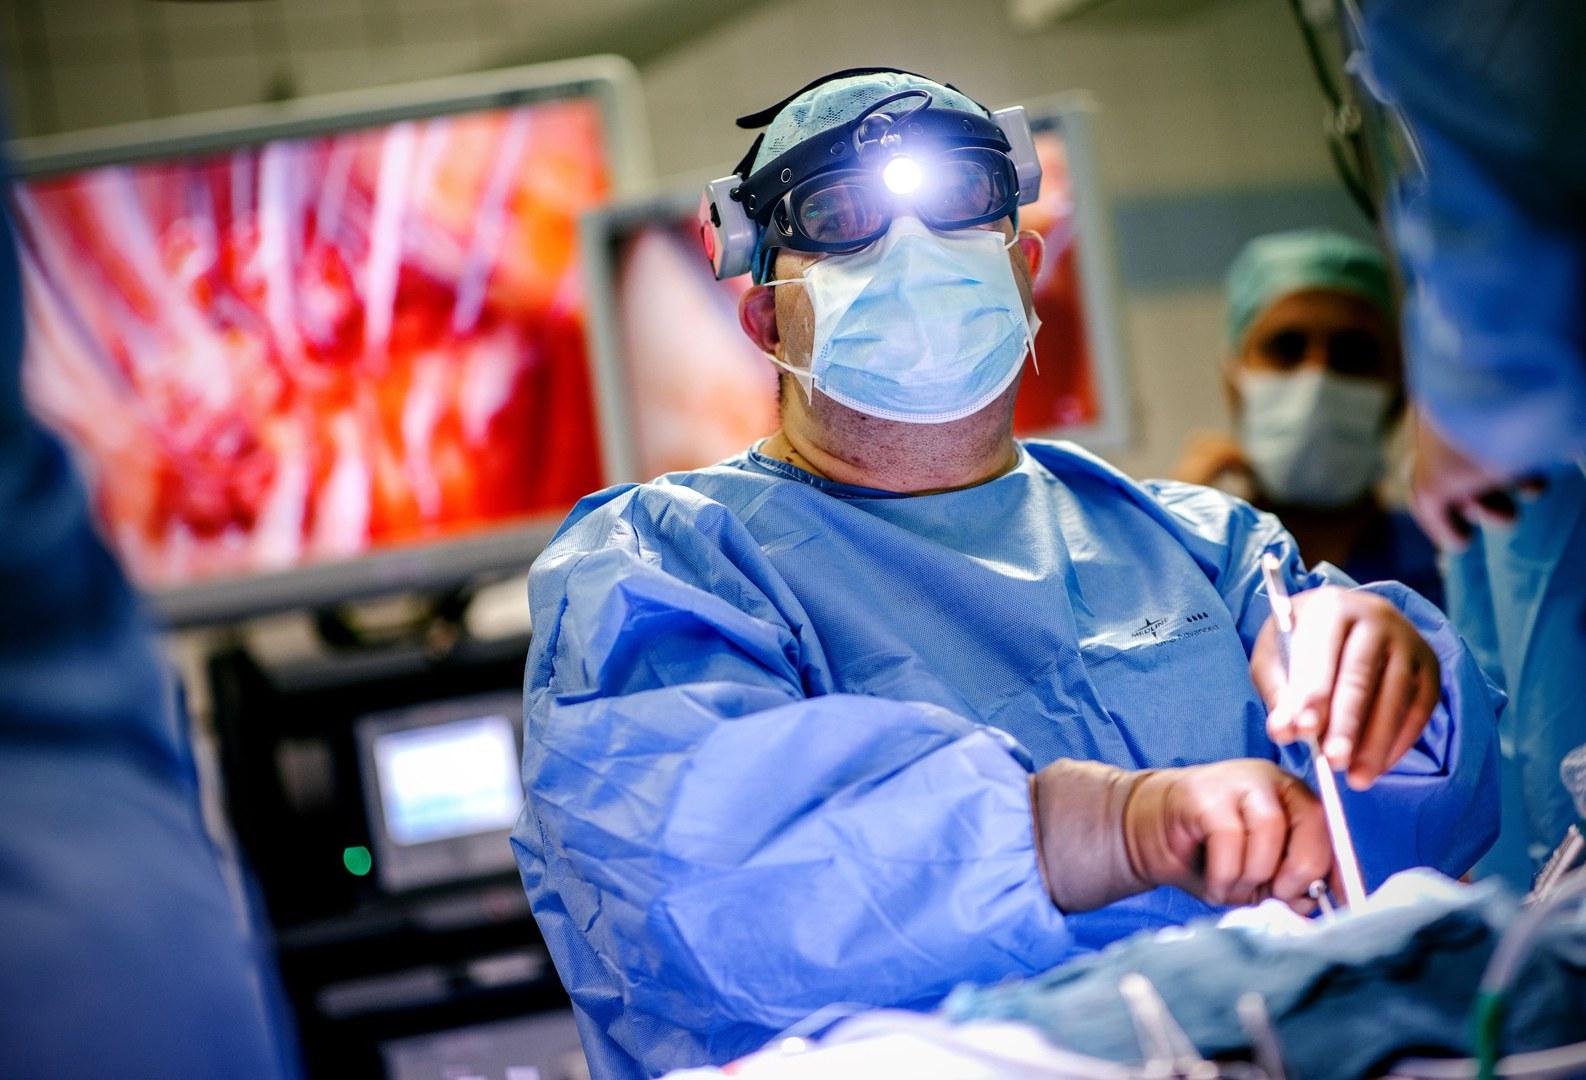 Patientenkolloquium des Universitätsklinikums Bonn rund um Herzklappenerkrankungen am 16. September: